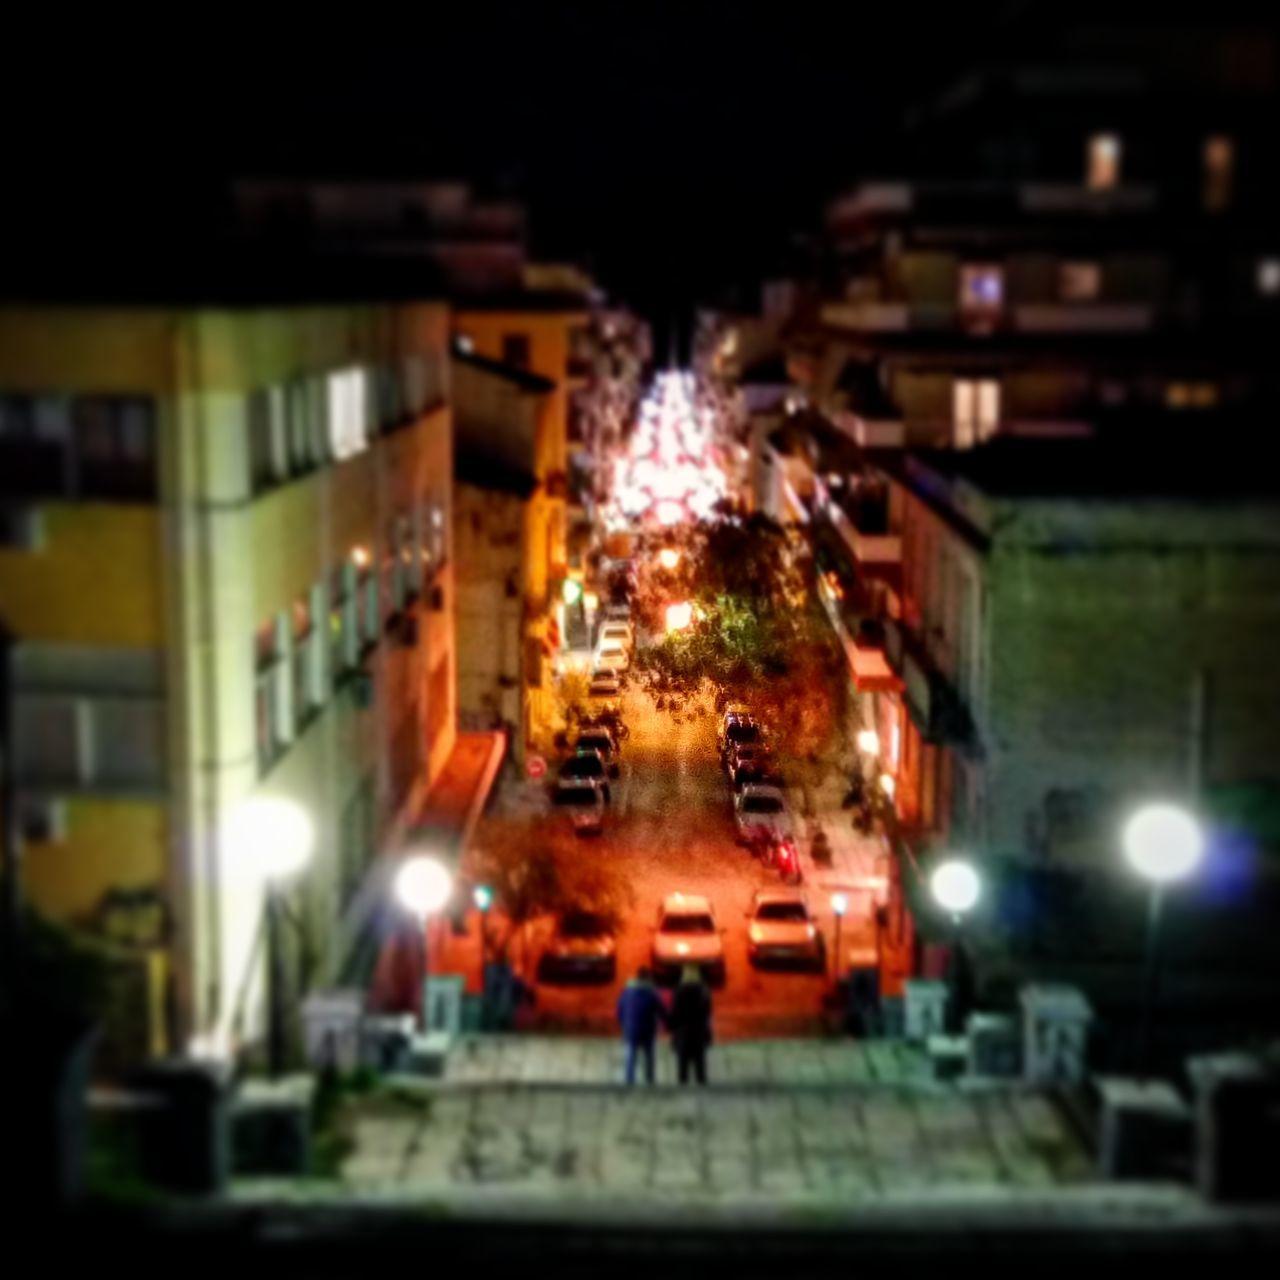 Patras Patras,Greece Urban Enviroment Stairs Strangenight City No People